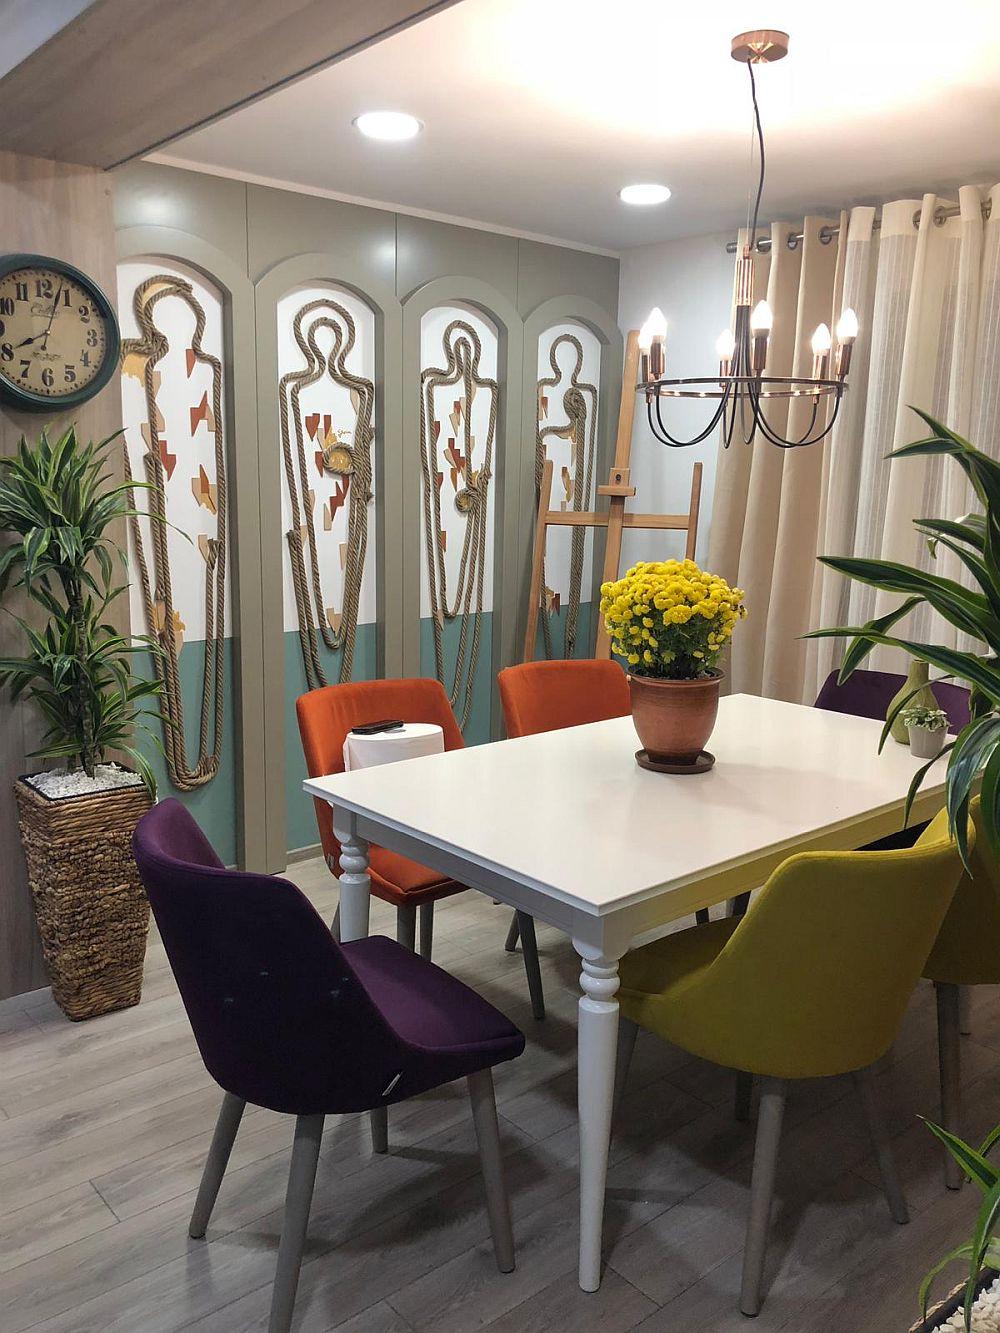 În zona locului de luat masa este amplasat proiectul special creat de Cristina Joia pentru familie - un ansamblu decorativ care restilizează ideea de icoane, dar care reprezintă în acest caz familia.